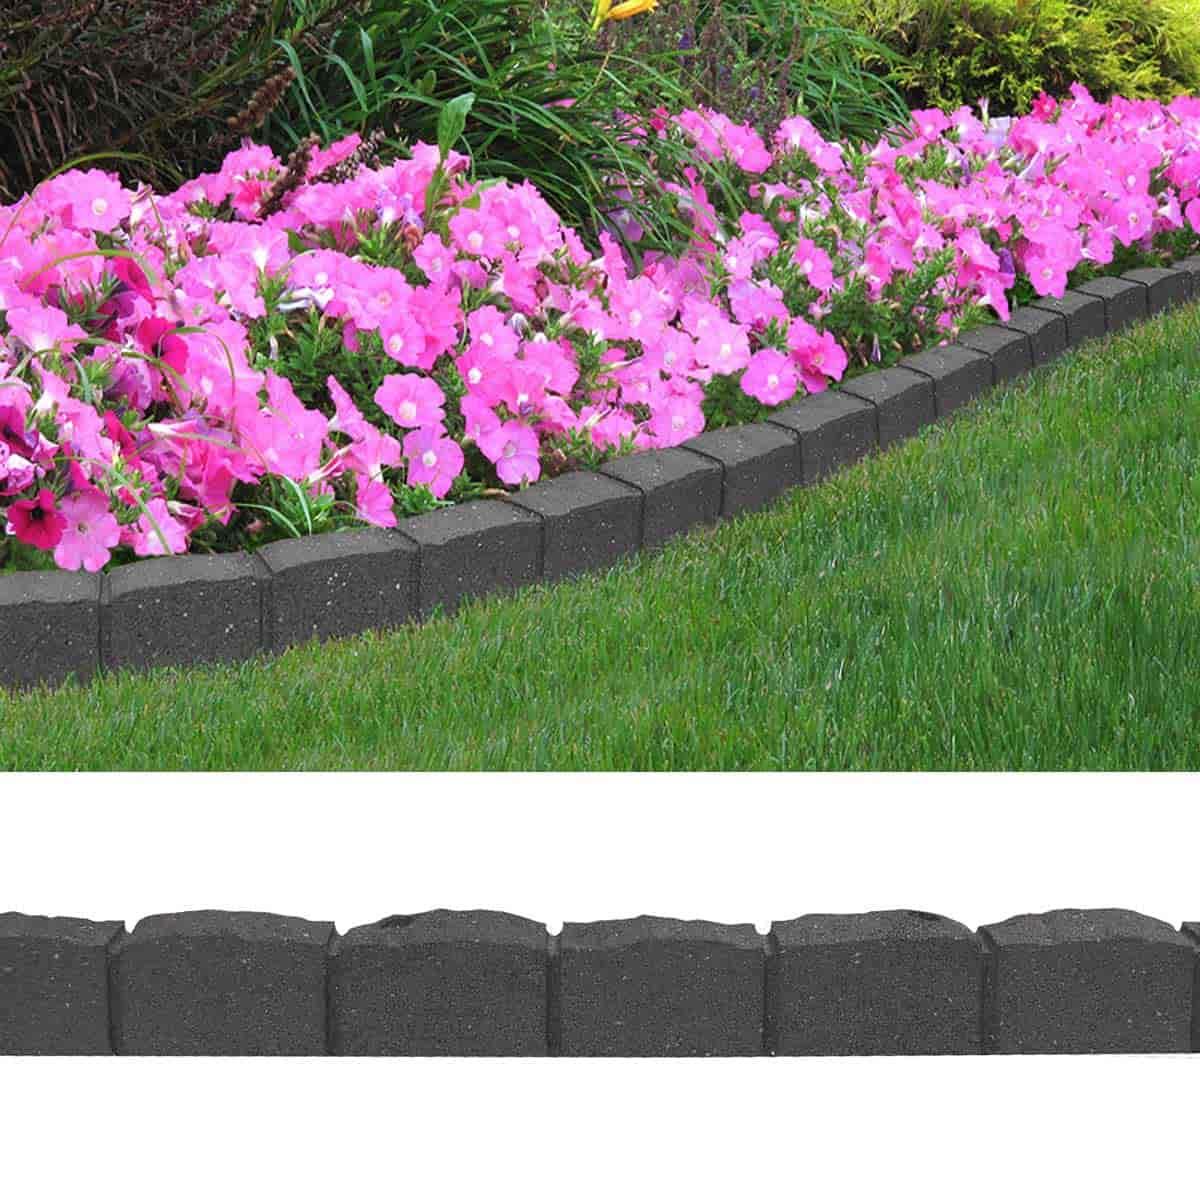 Bordure De Jardin Effet Pavés 122Cm - Caoutchouc Recyclé à Pave Bordure Jardin